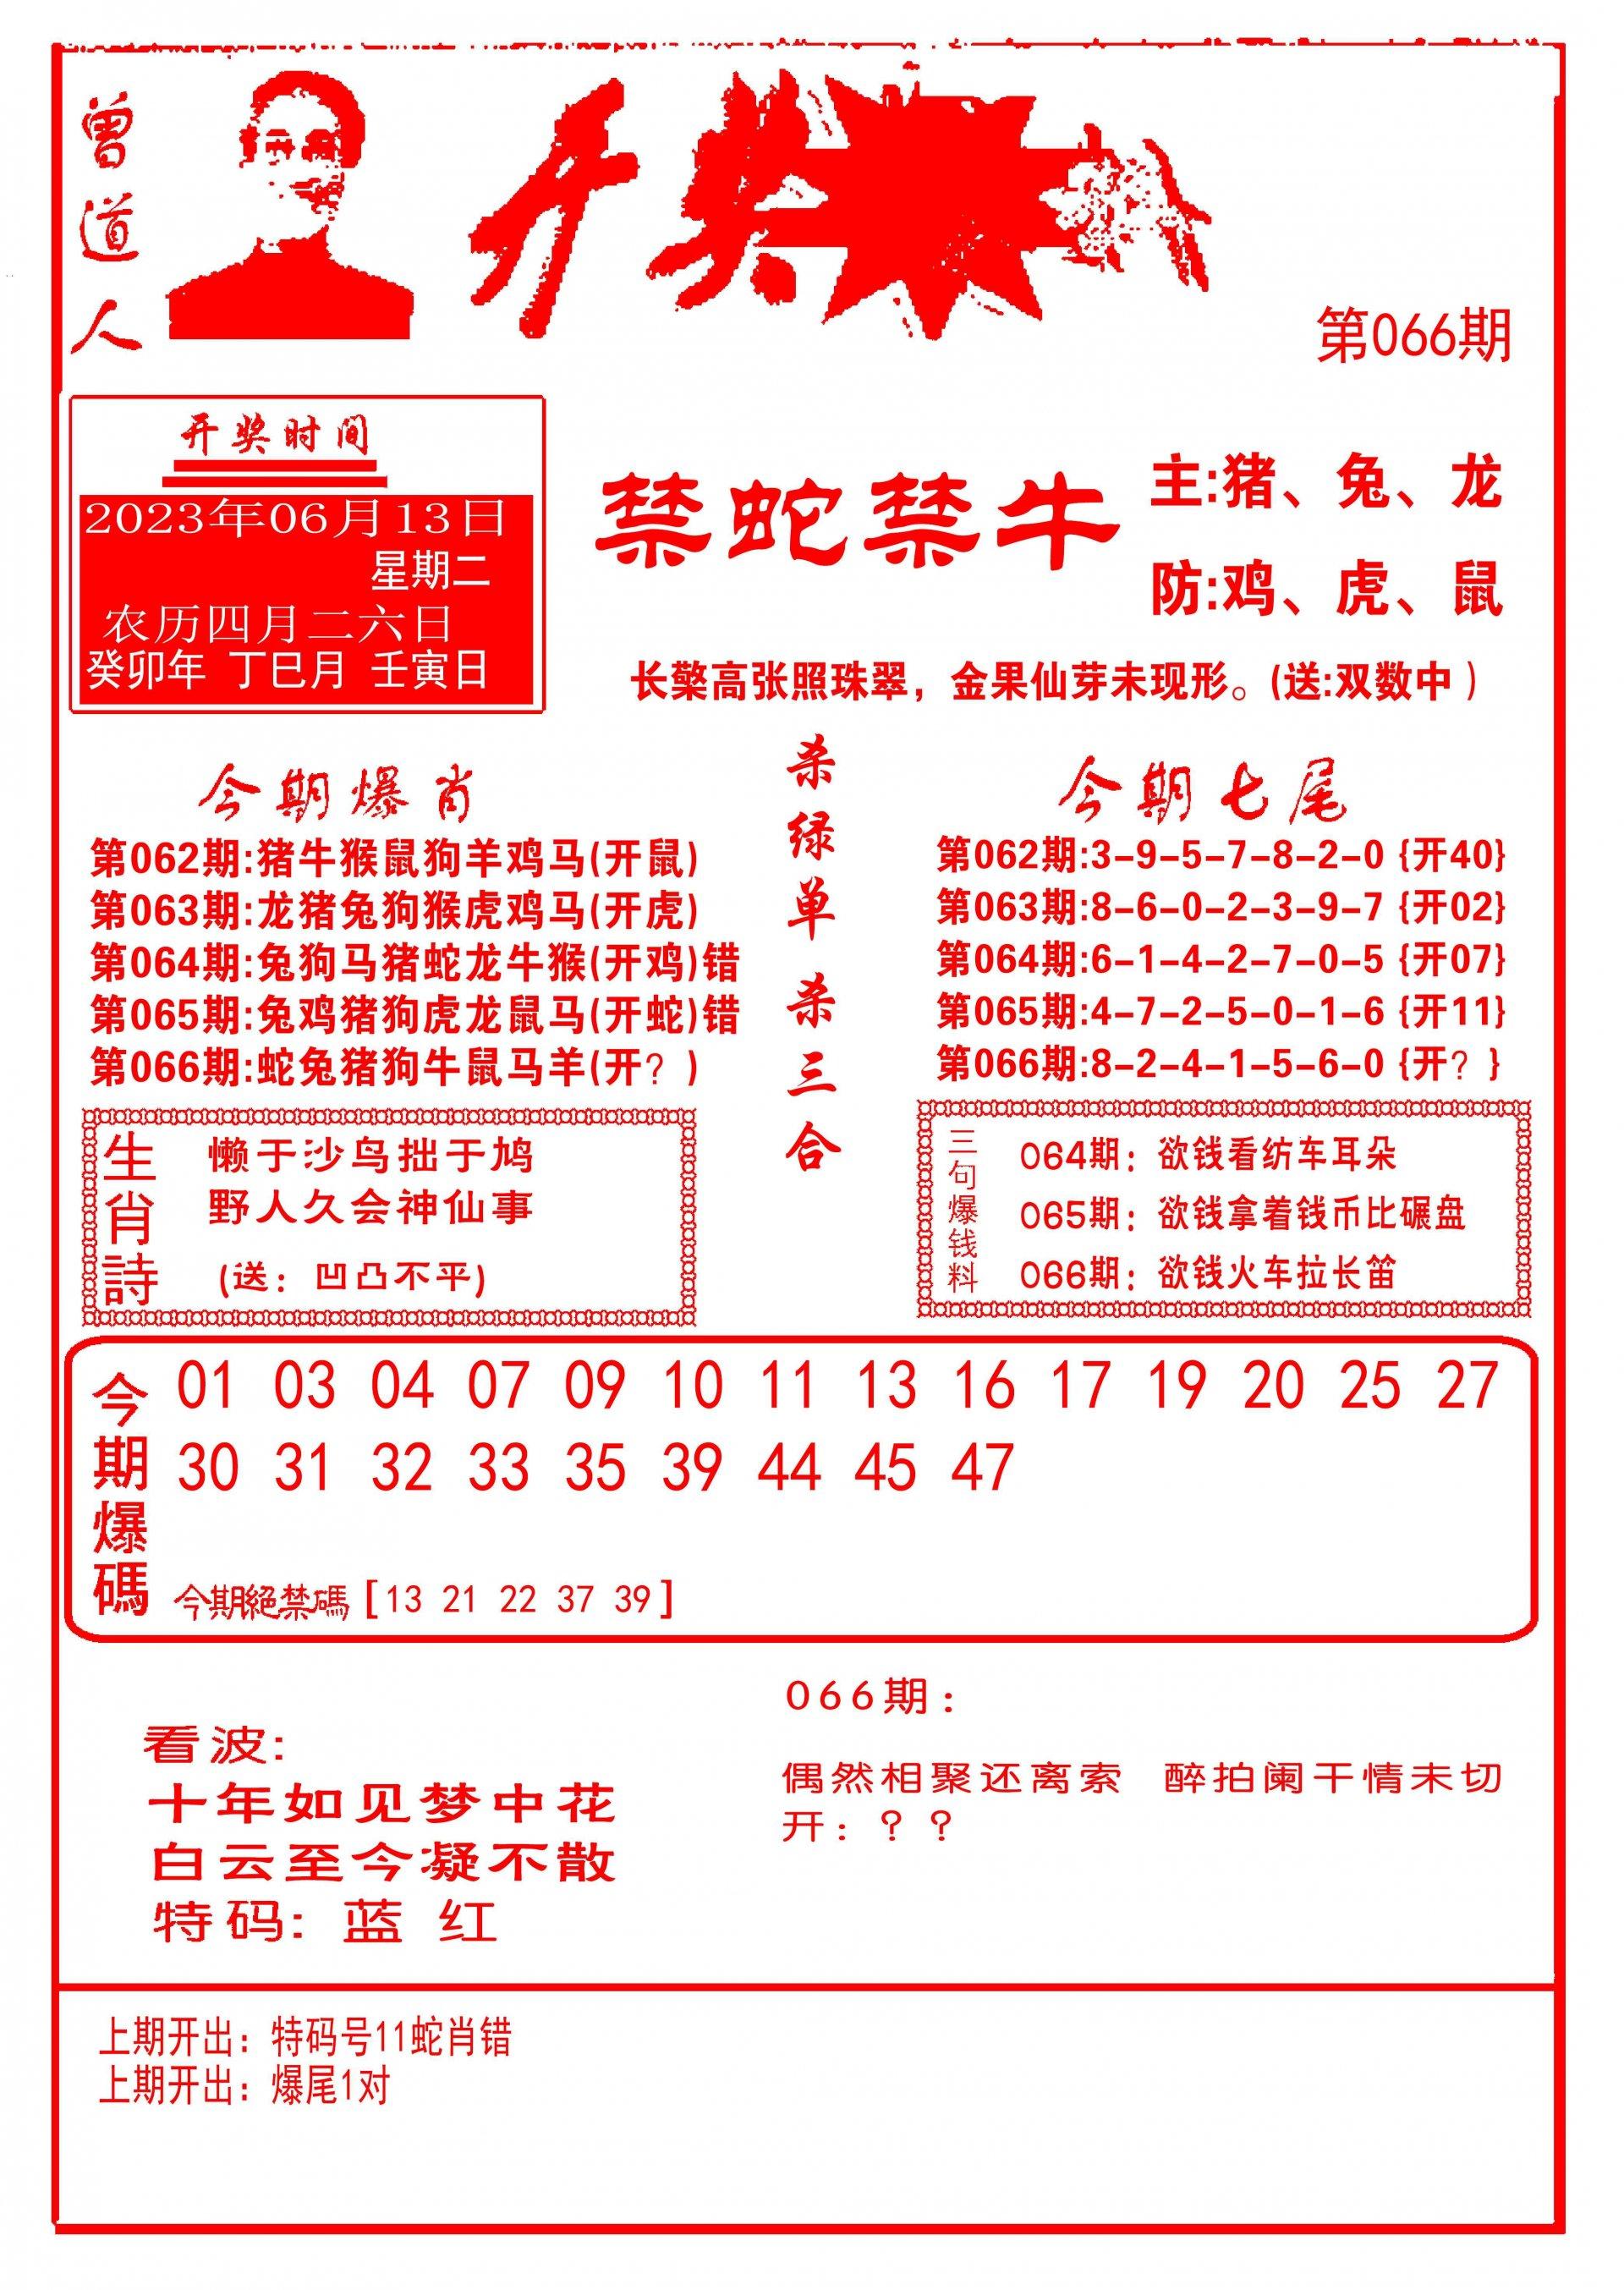 066期开奖爆料(新图推荐)